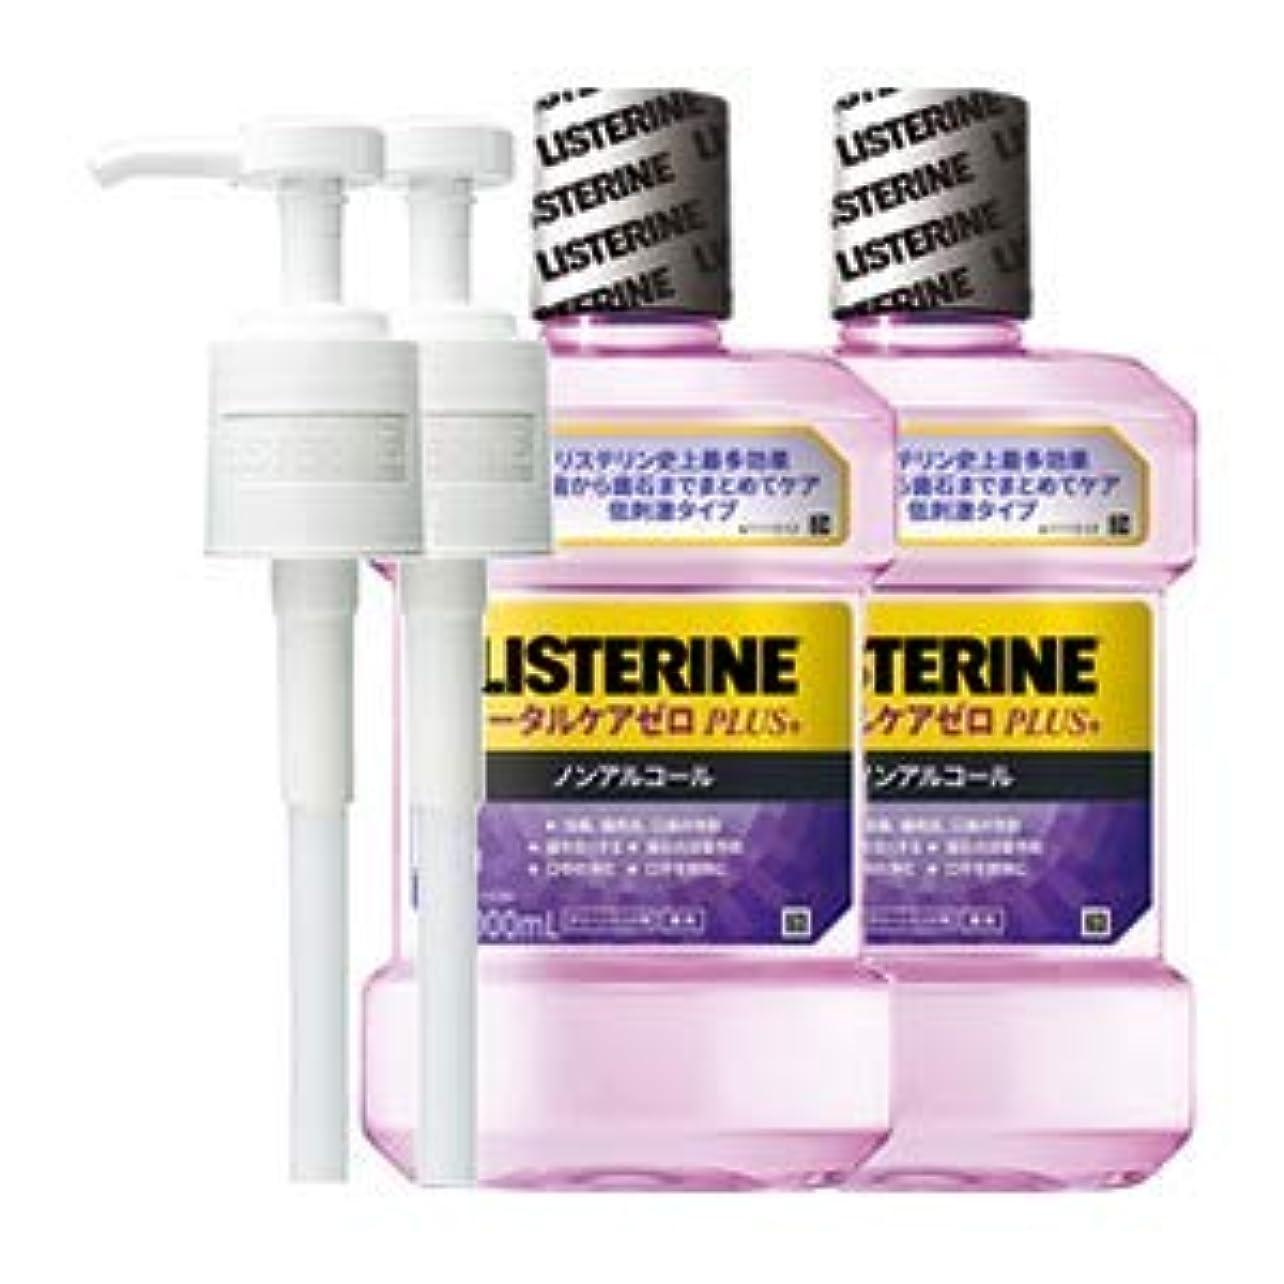 チャネル深遠突然薬用リステリン トータルケアゼロプラス (液体歯磨) 1000mL 2点セット (ポンプ付)